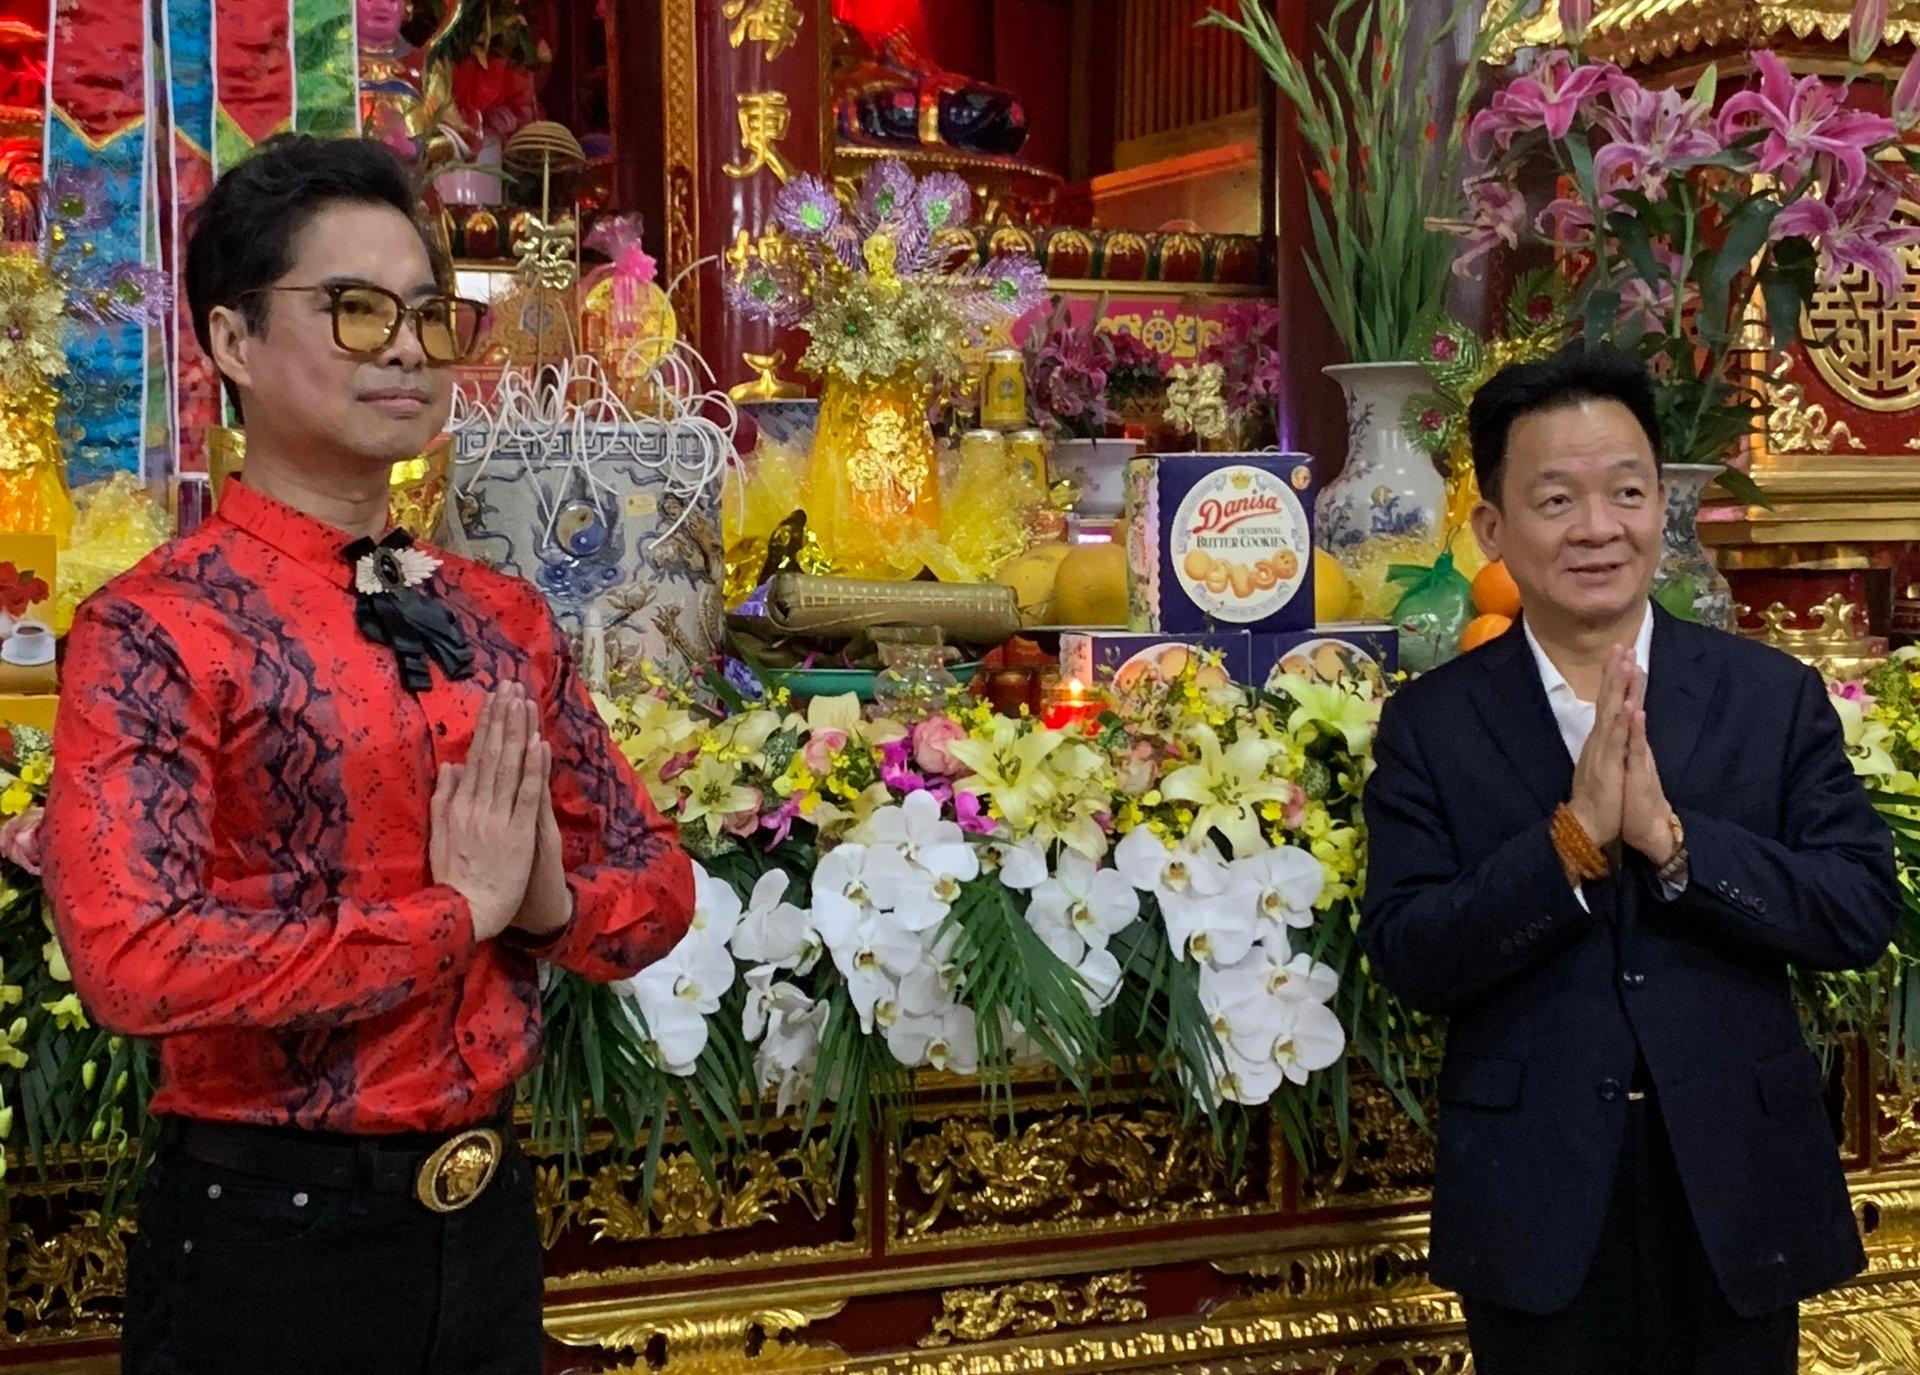 Bầu Hiển mời Ngọc Sơn về nhà riêng hát tặng thân mẫu tỏ lòng hiếu thảo 1